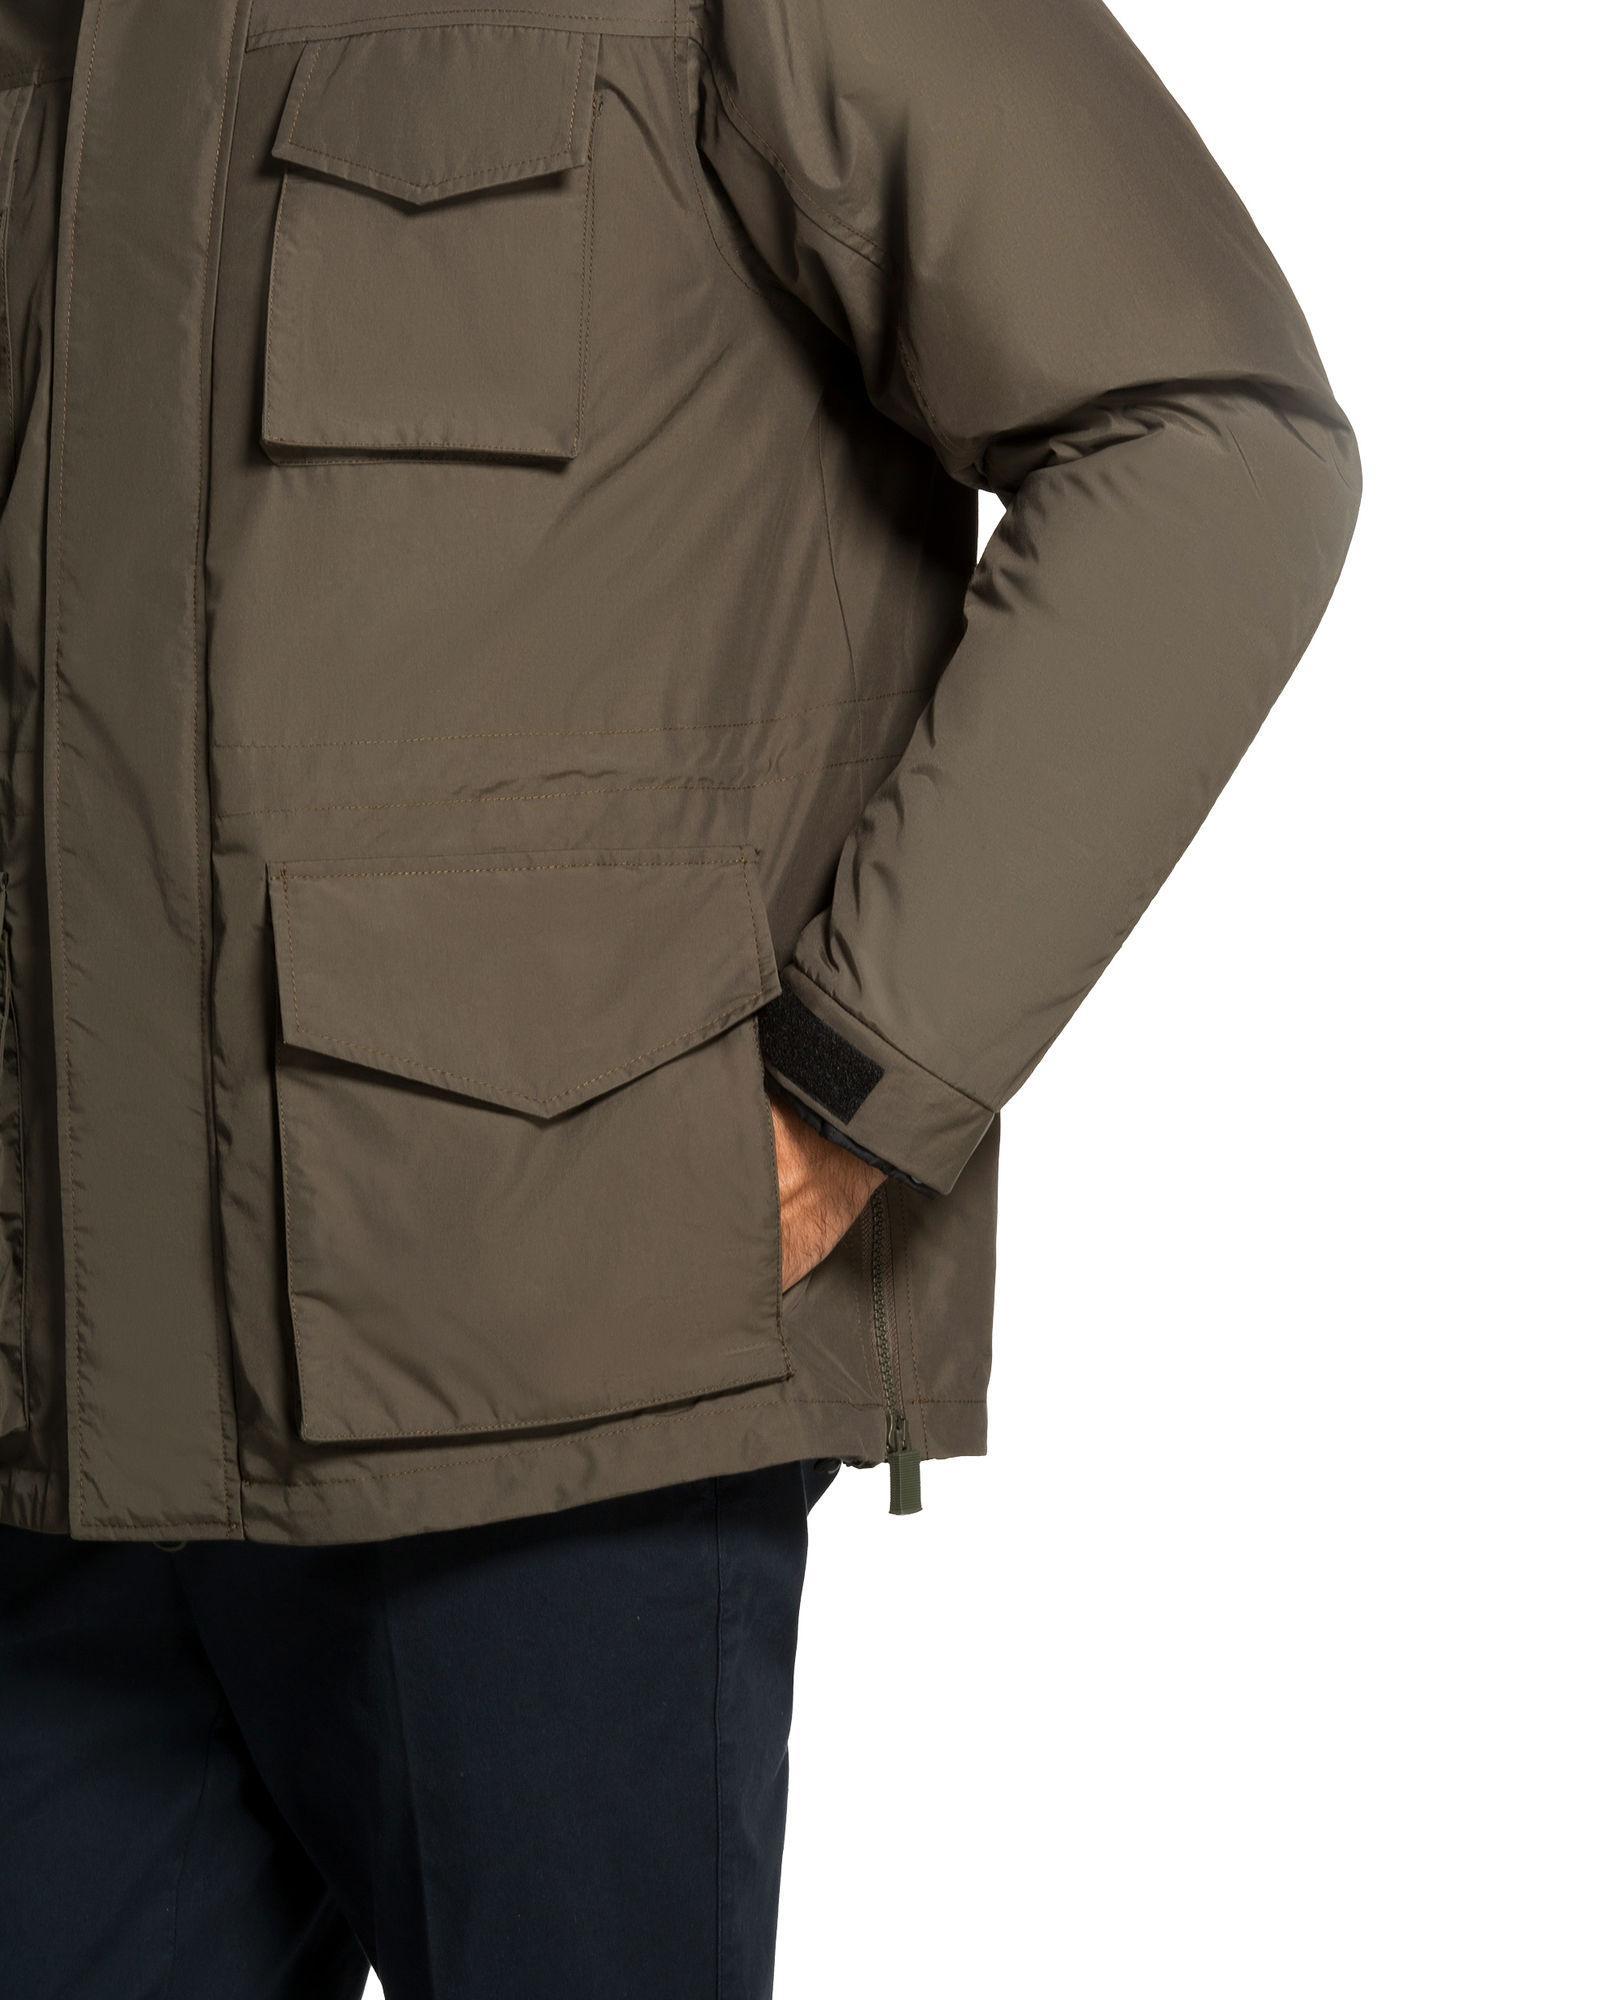 53104e8797 Aspesi Multicolor Giubbotto New Kurtz Field Jacket In Thermore for men